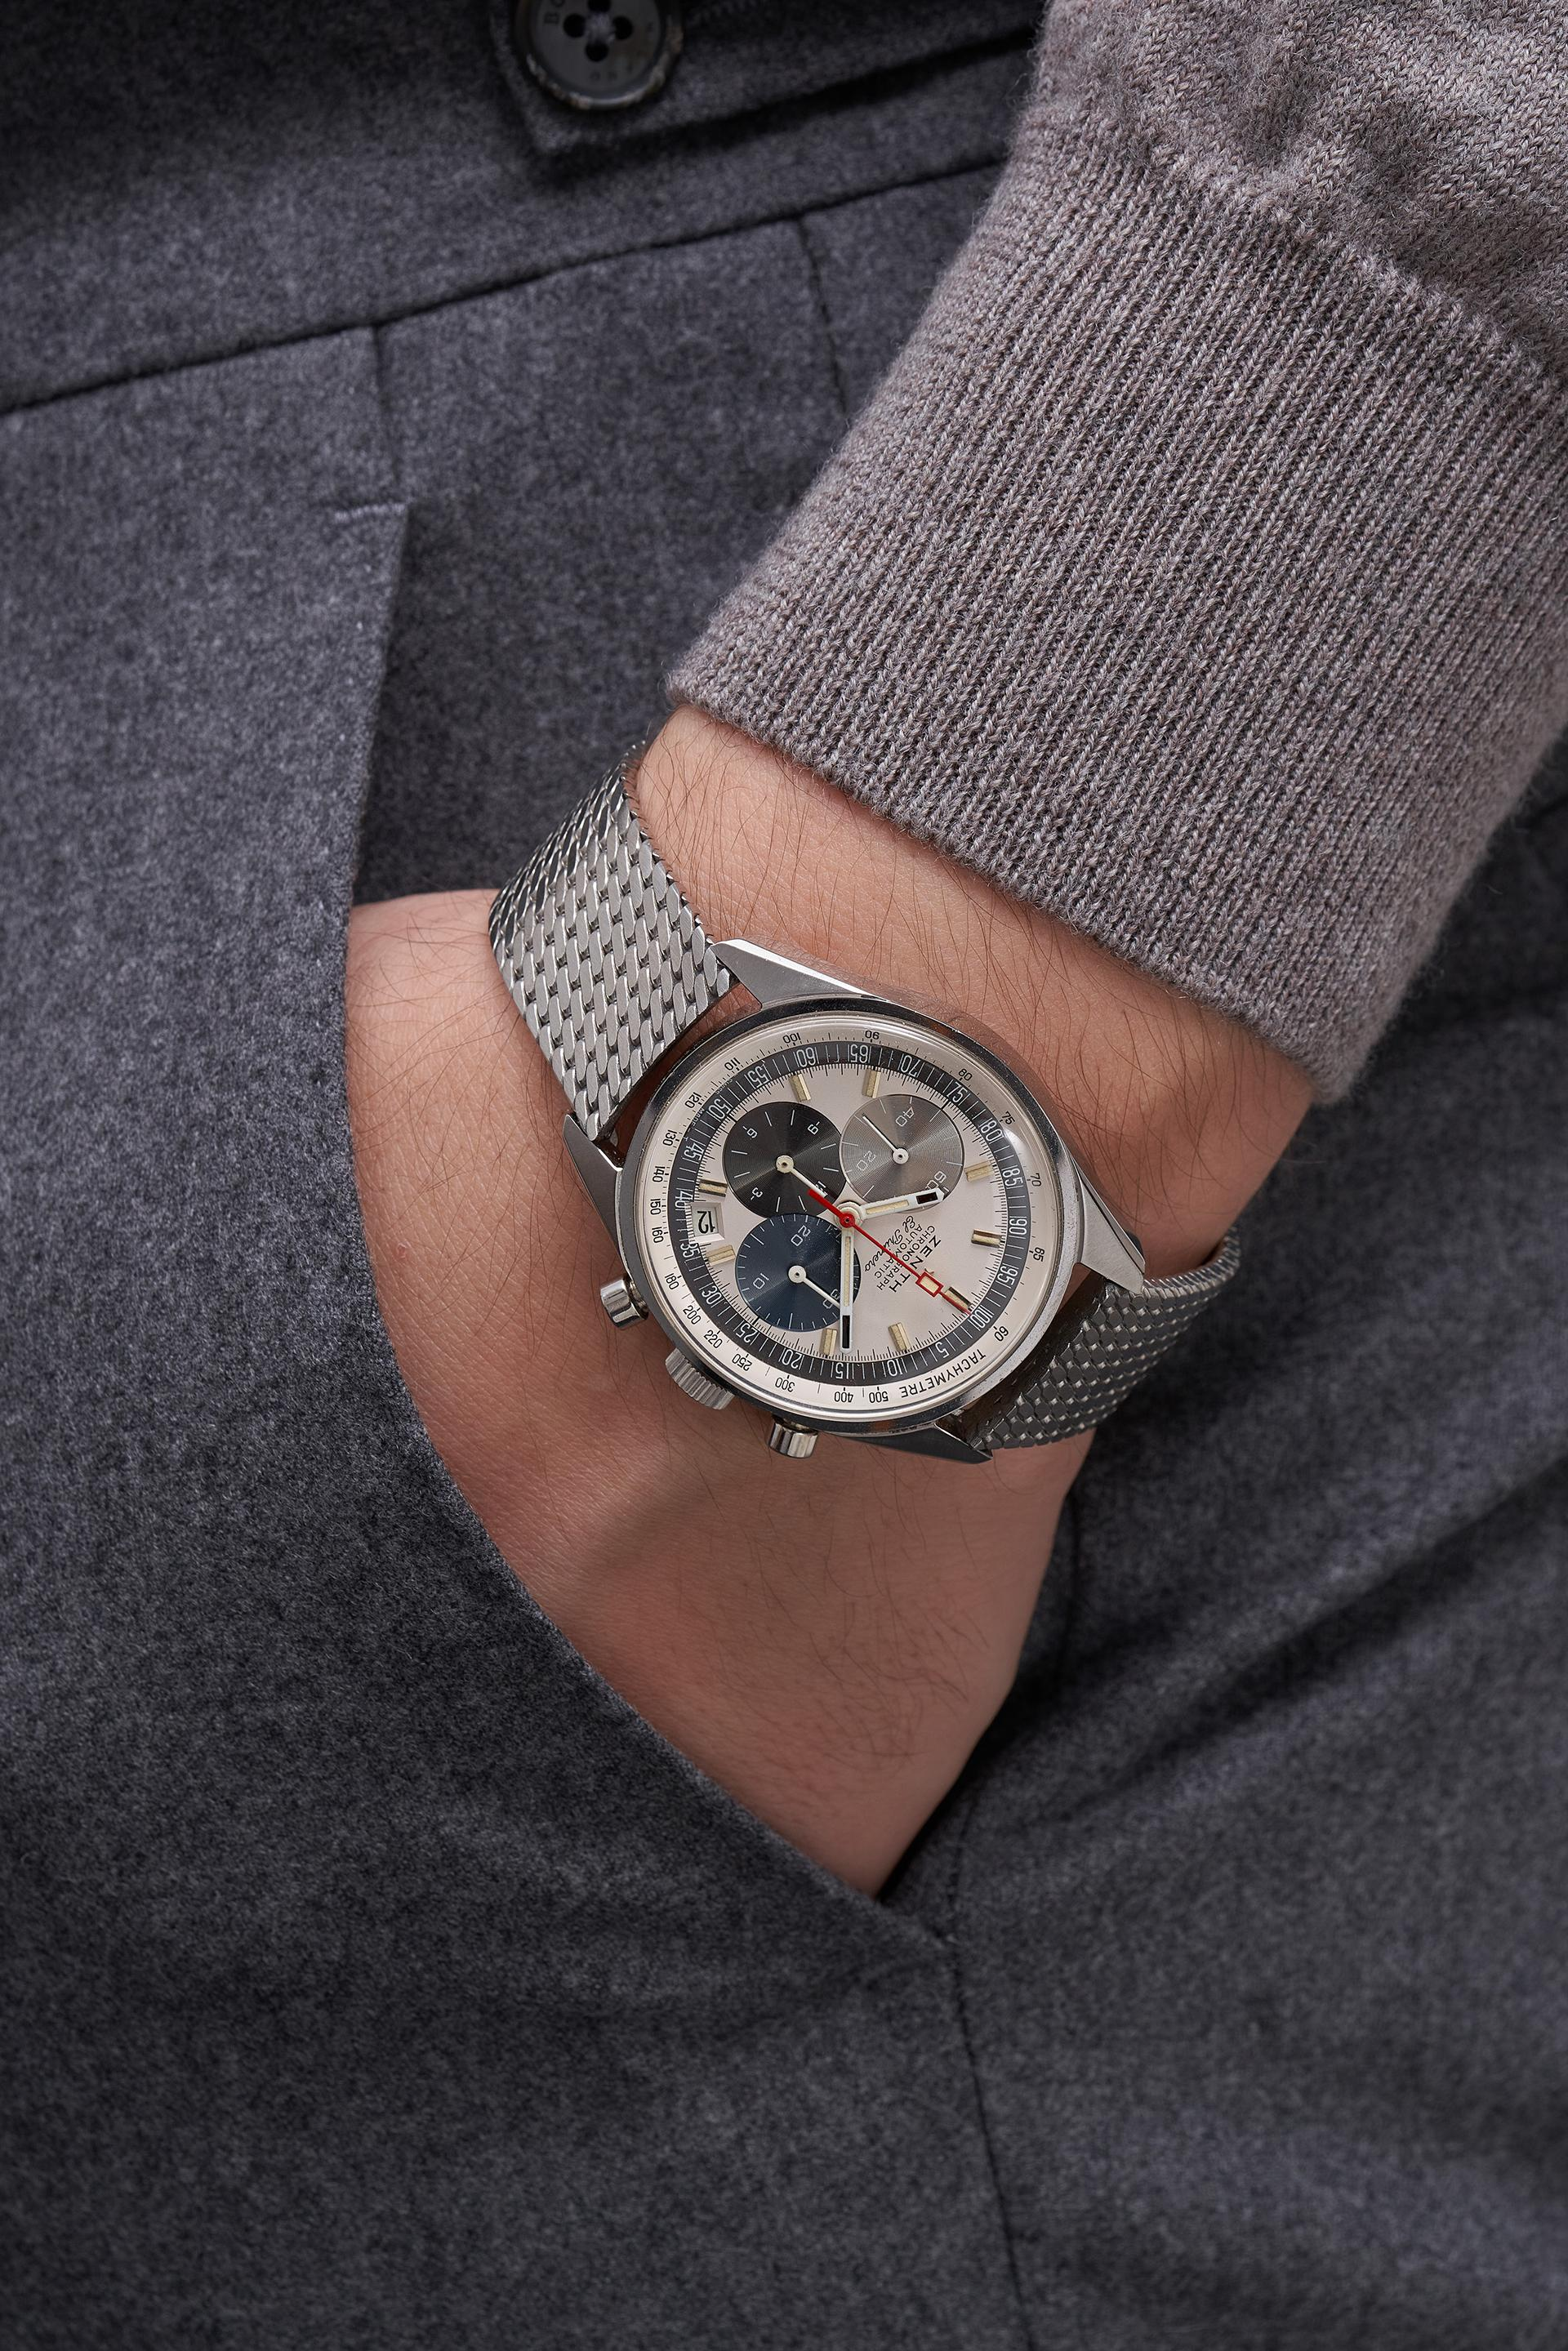 Zenith Ref. A386 watch, Phillips Geneva Watch Auction 2021